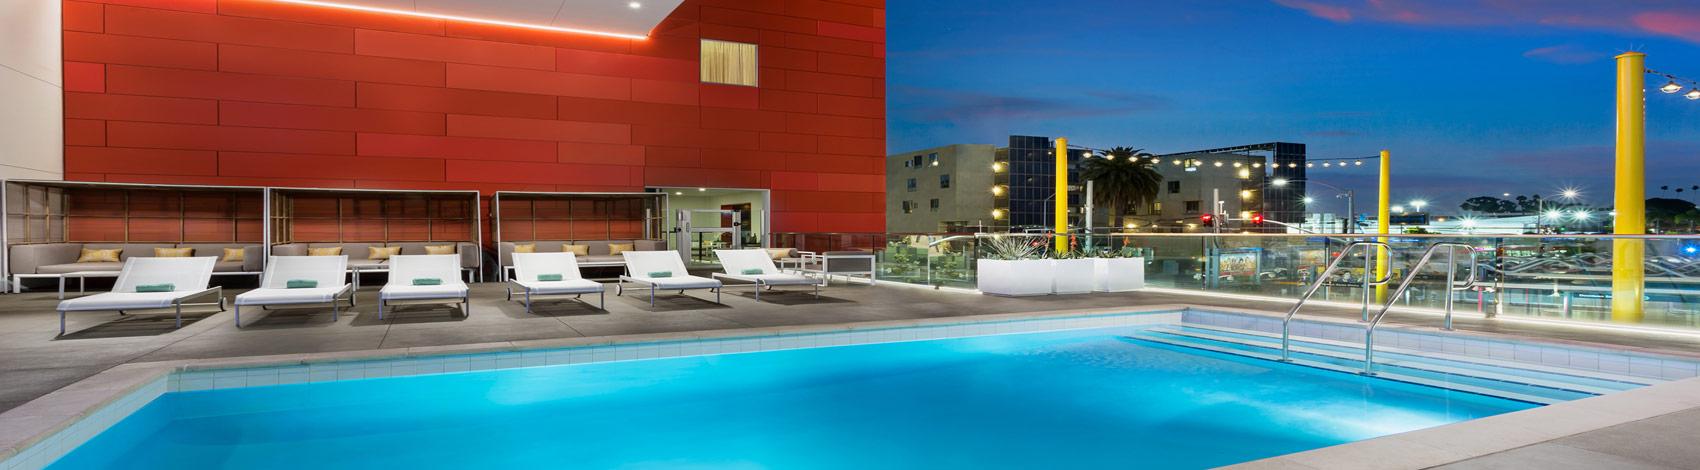 hotel pool rooftop deck